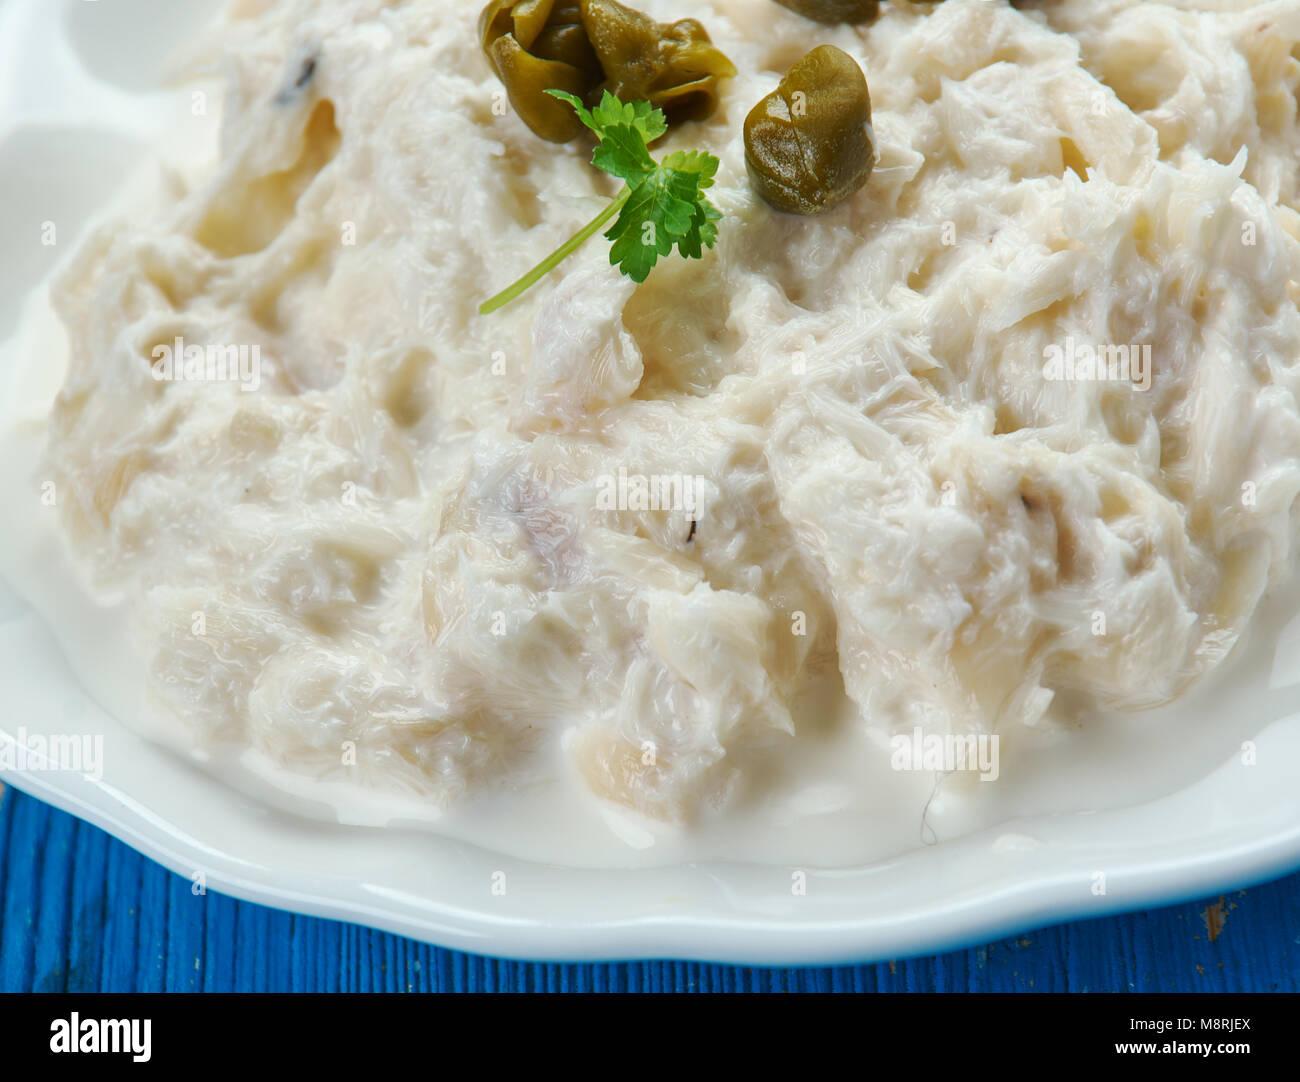 Baccala mantecato alla veneziana ,Cod in stile veneziano. Cucina ...